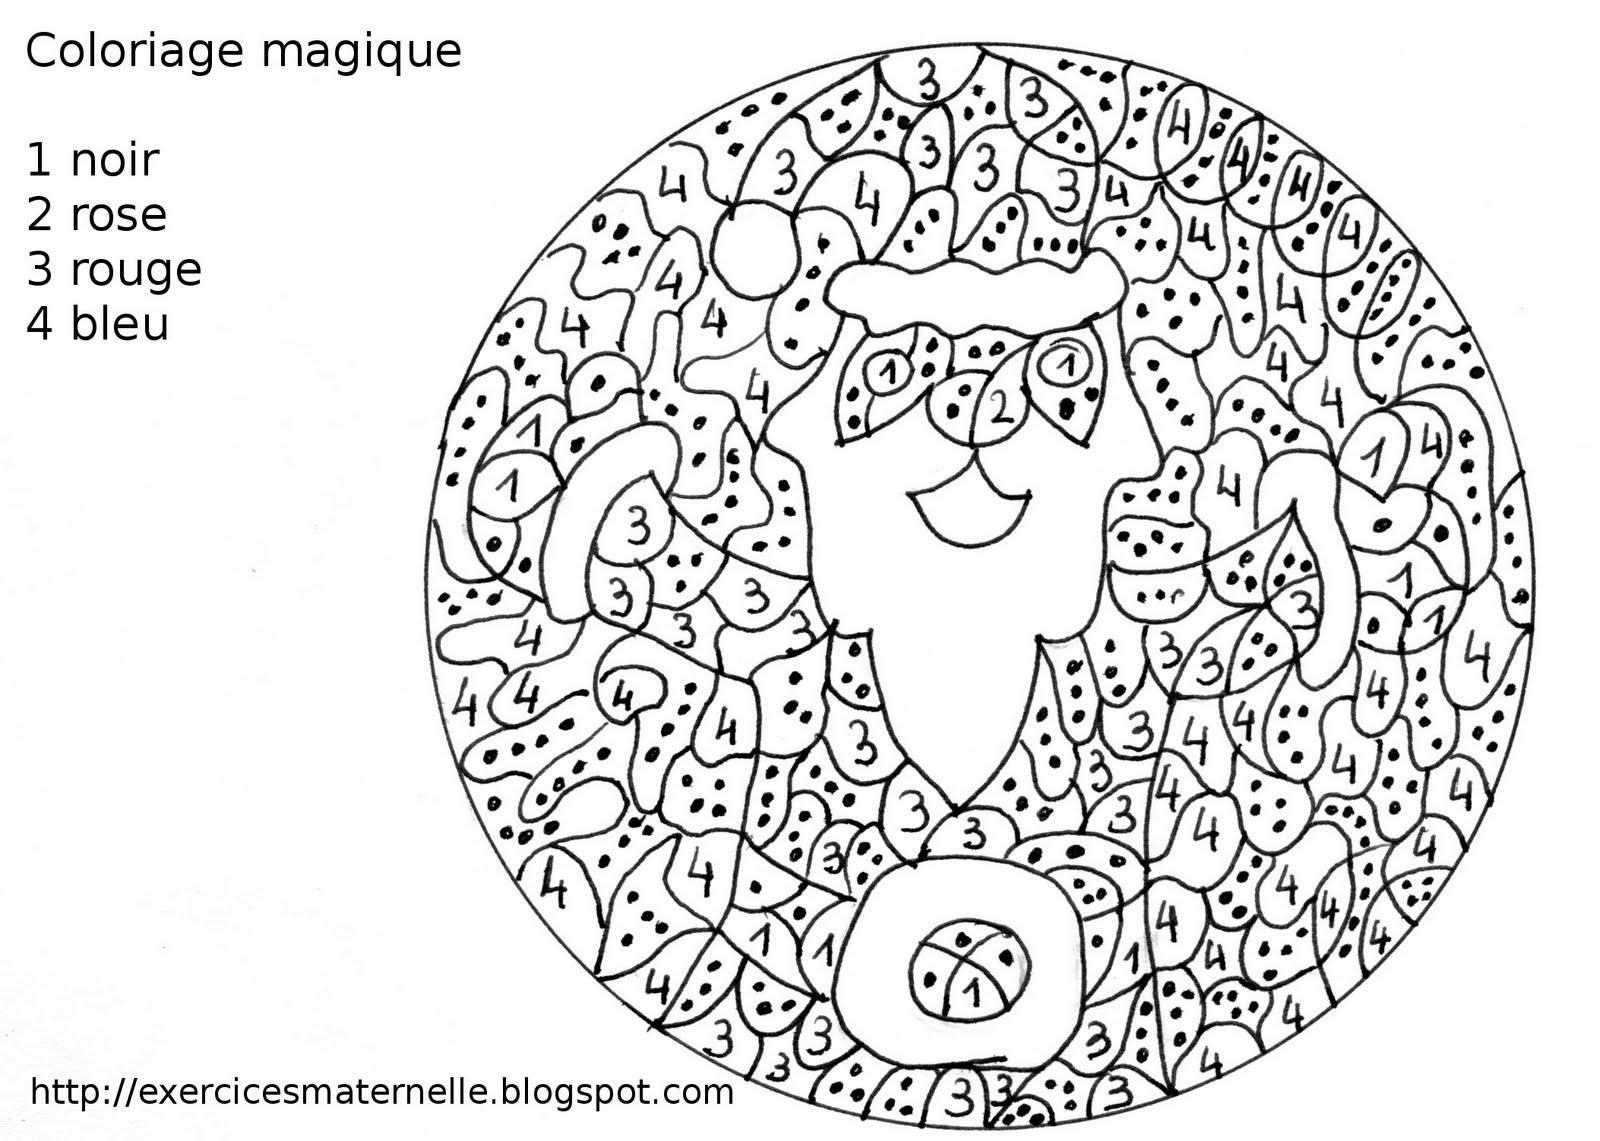 34 Dessins De Coloriage Magique Noël À Imprimer intérieur Coloriages Magiques Noel